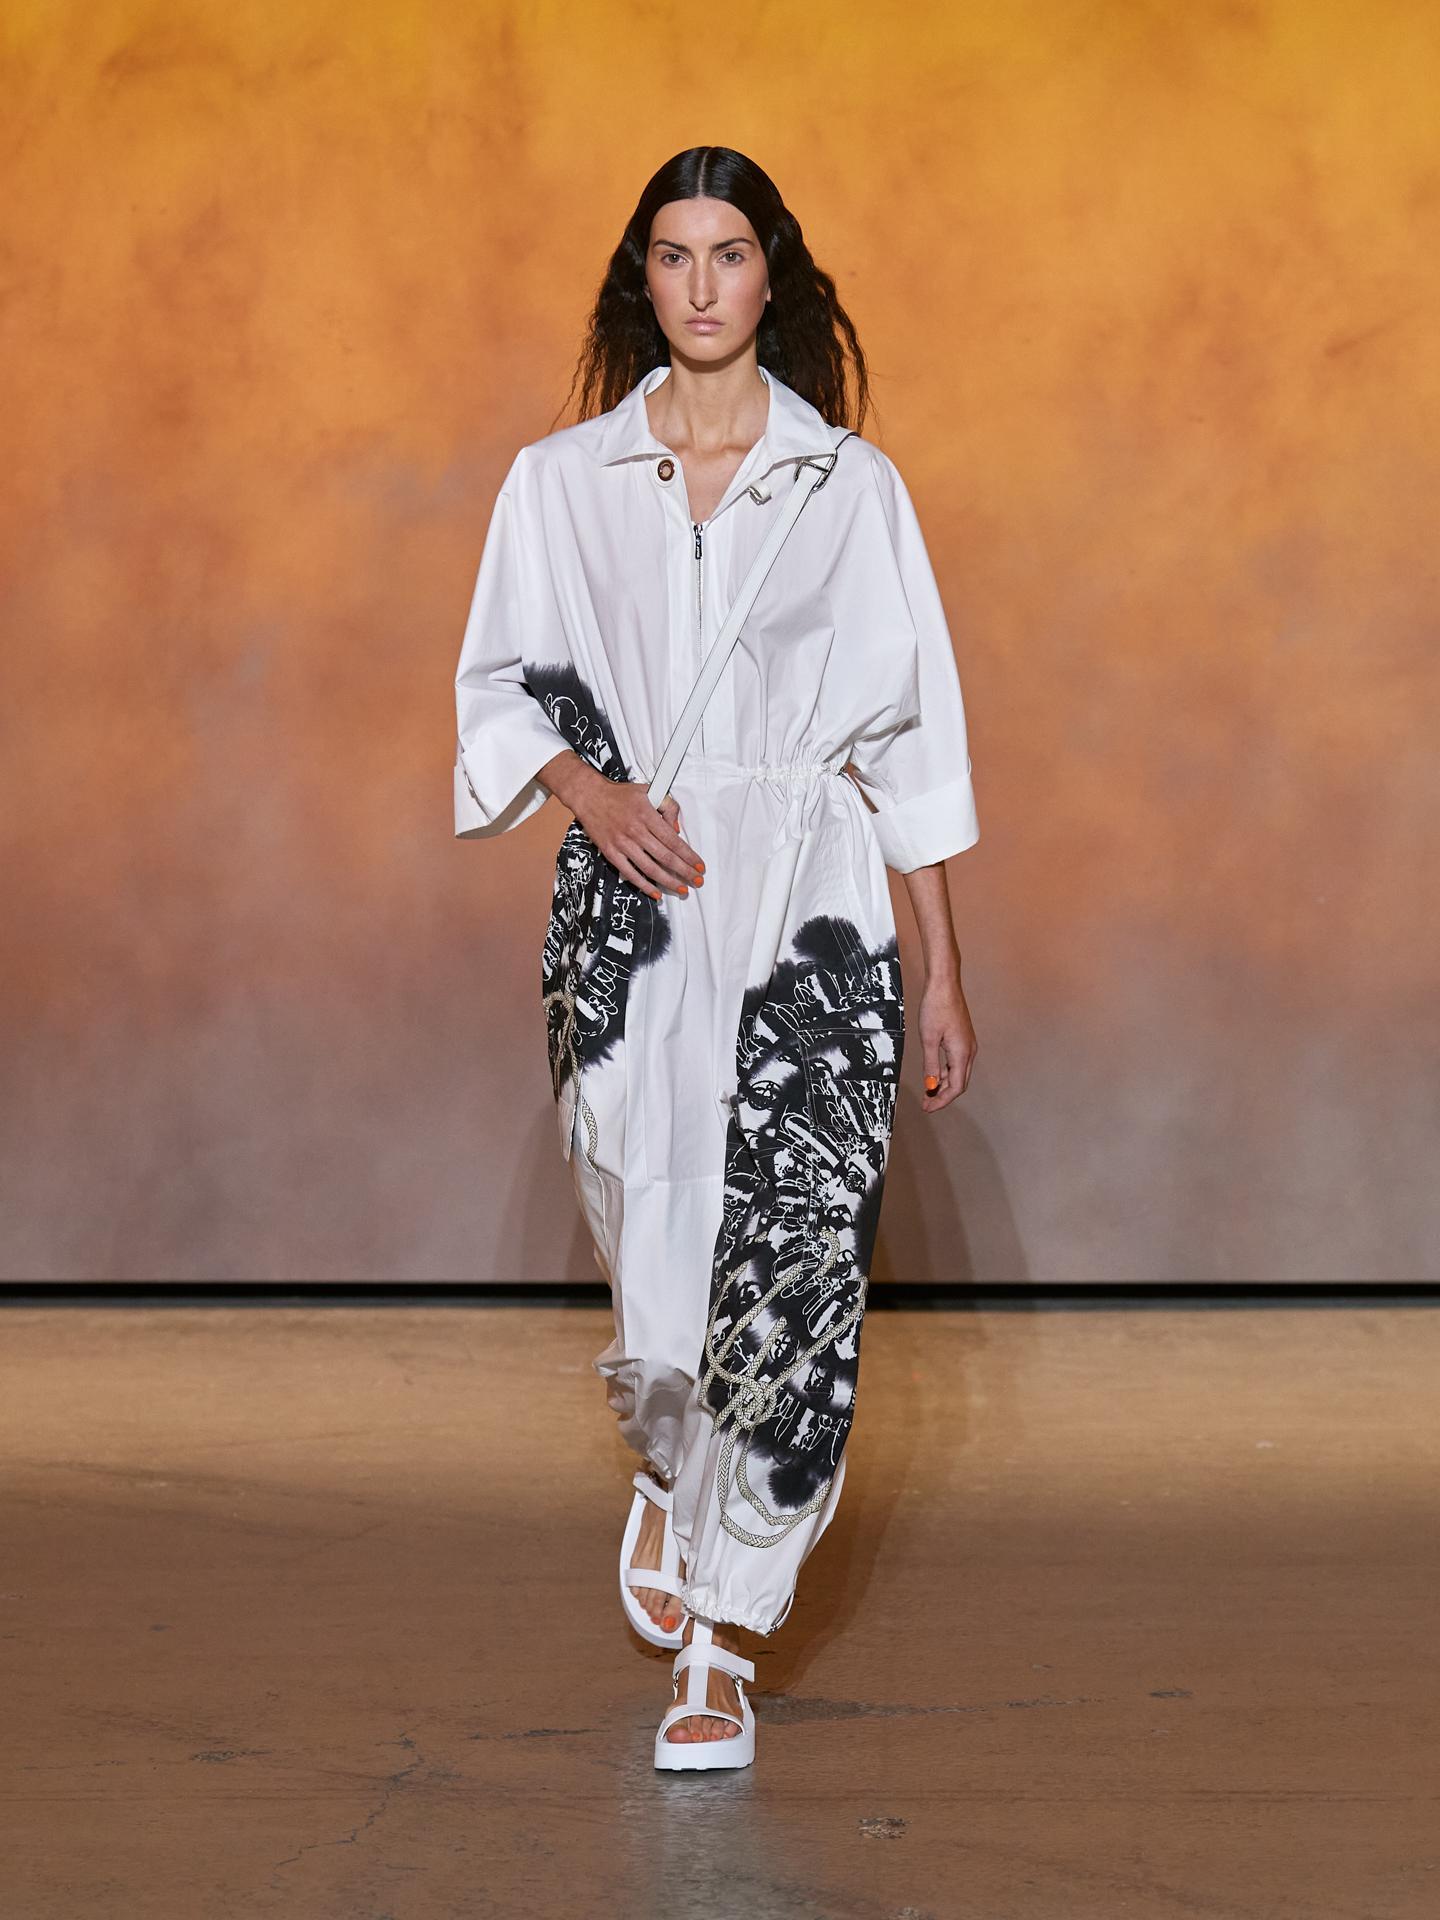 Họa tiết khăn Cliquetis - sáng tạo của Julie Abadie - biến hóa trên loạt trang phục ứng dụng với nhiều kích thước, trong đó nổi bật là áo liền quần tông trắng đen cùng hoạ tiết cỡ lớn.